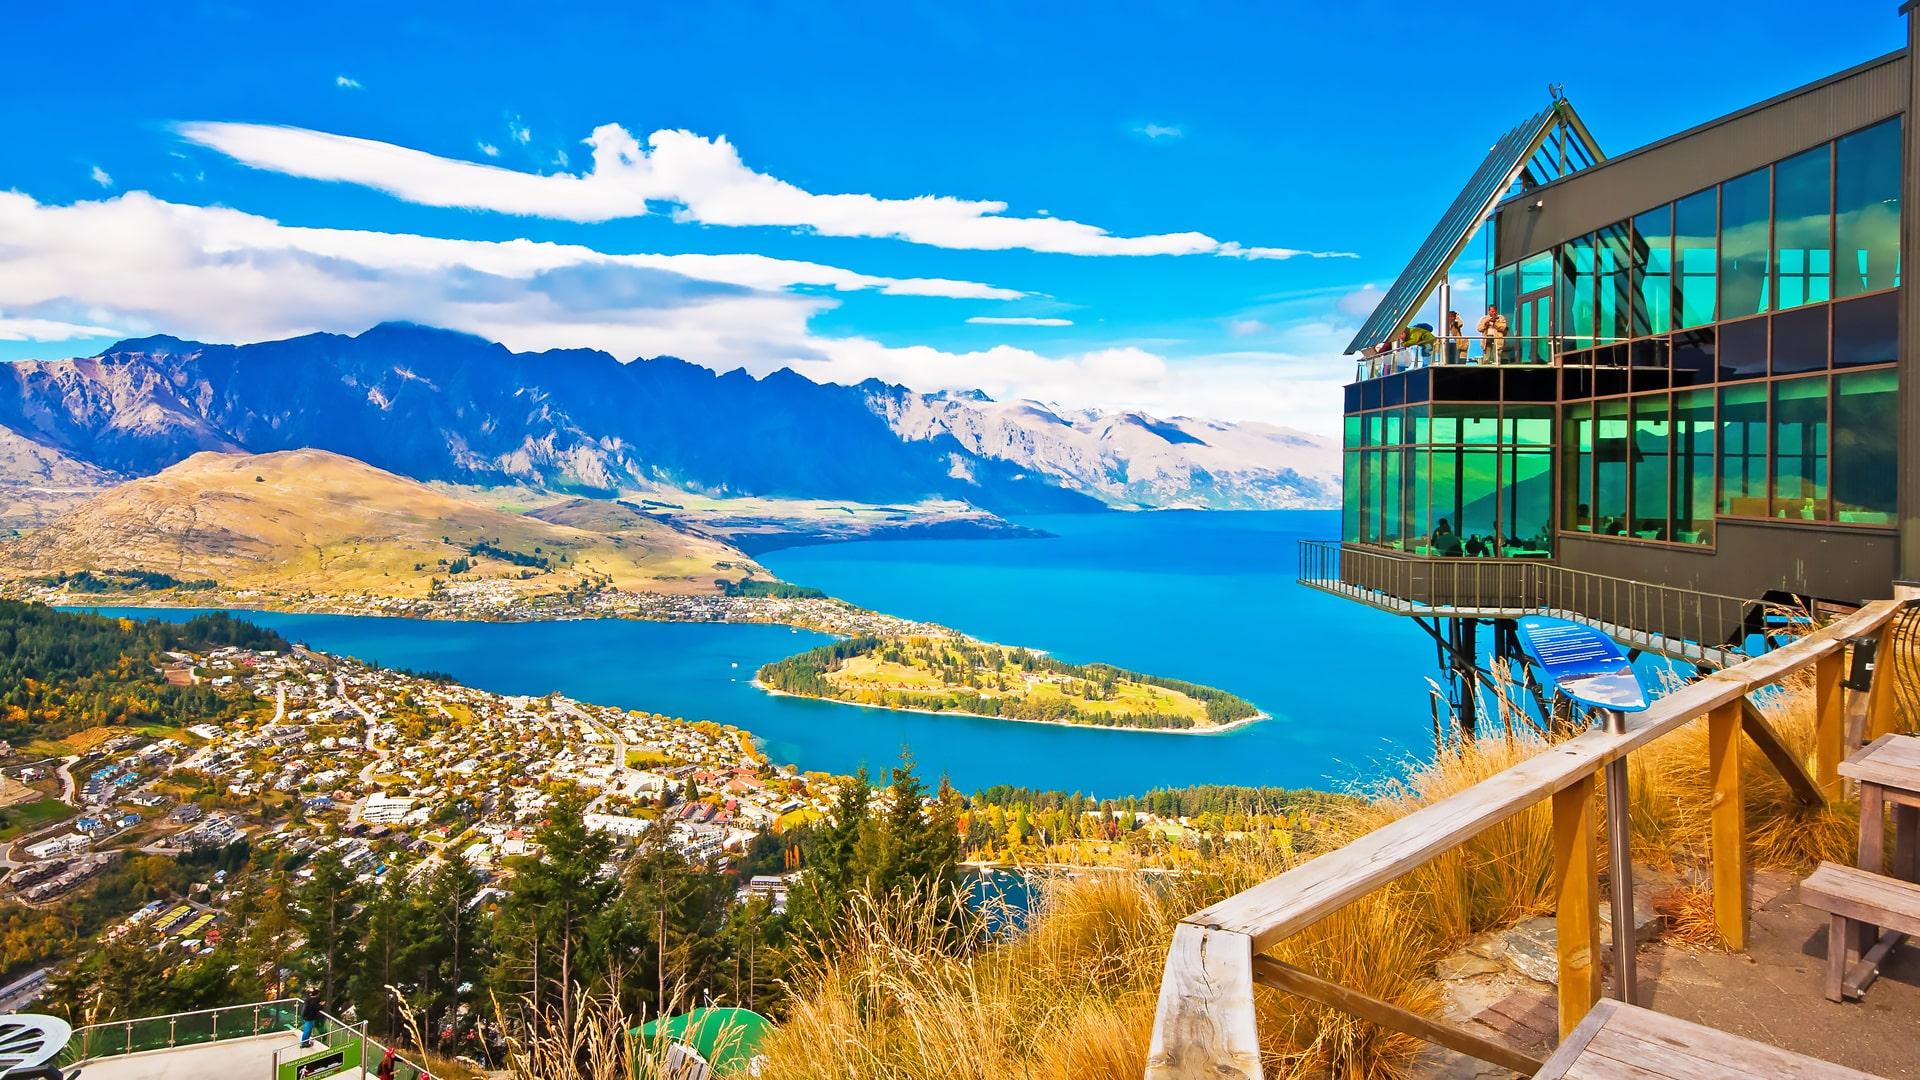 Estudiar un año escolar en Nueva Zelanda en colegios públicos